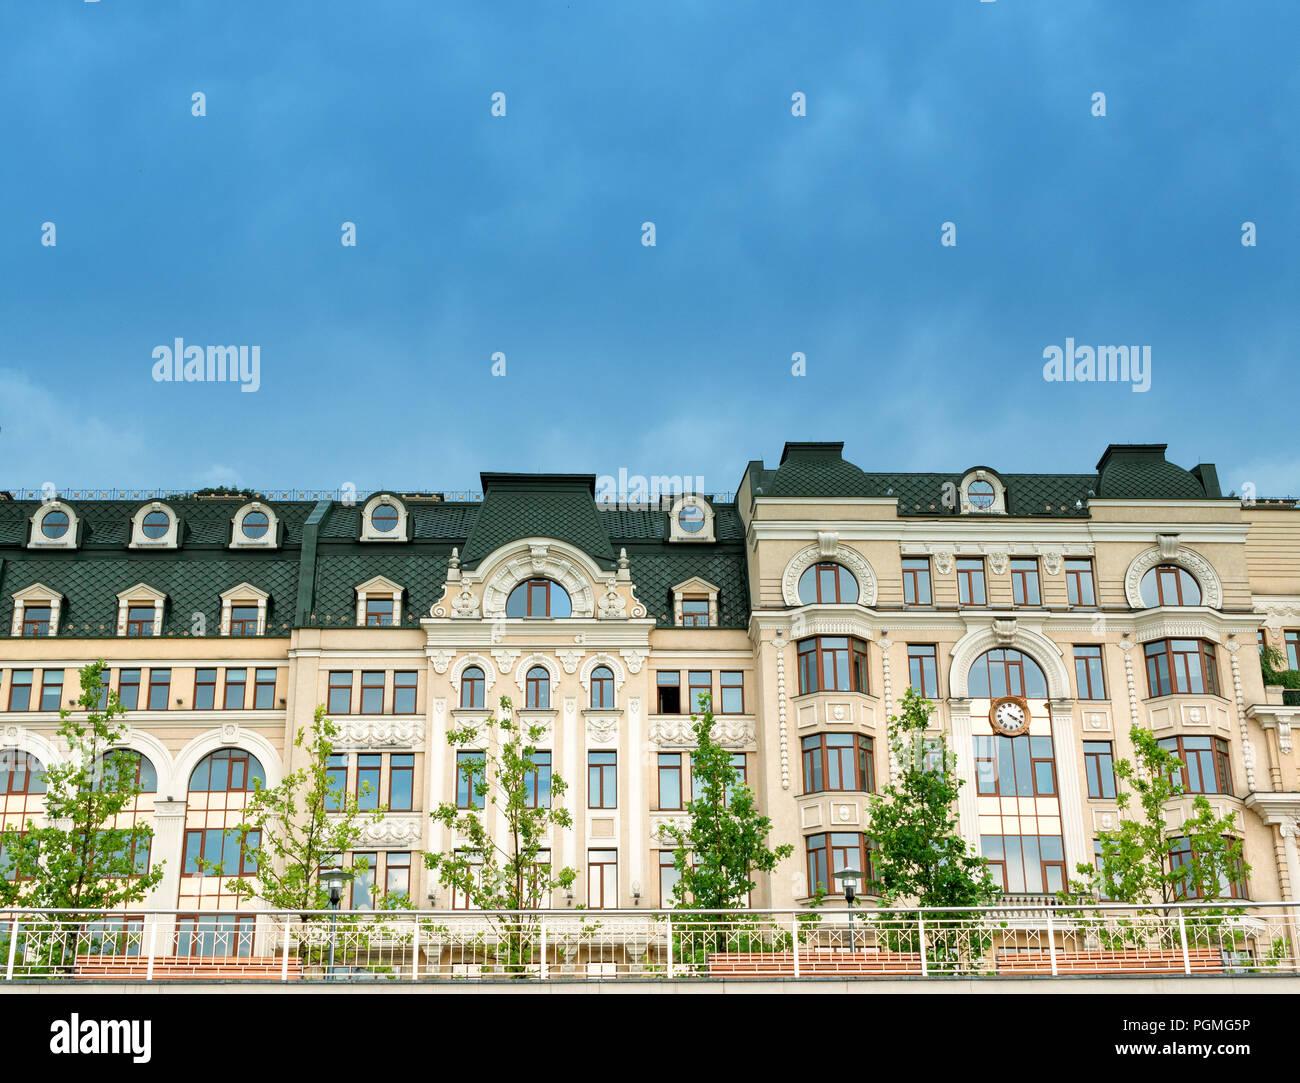 Delante De Los Edificios Modernos Adosado Con Terraza Con